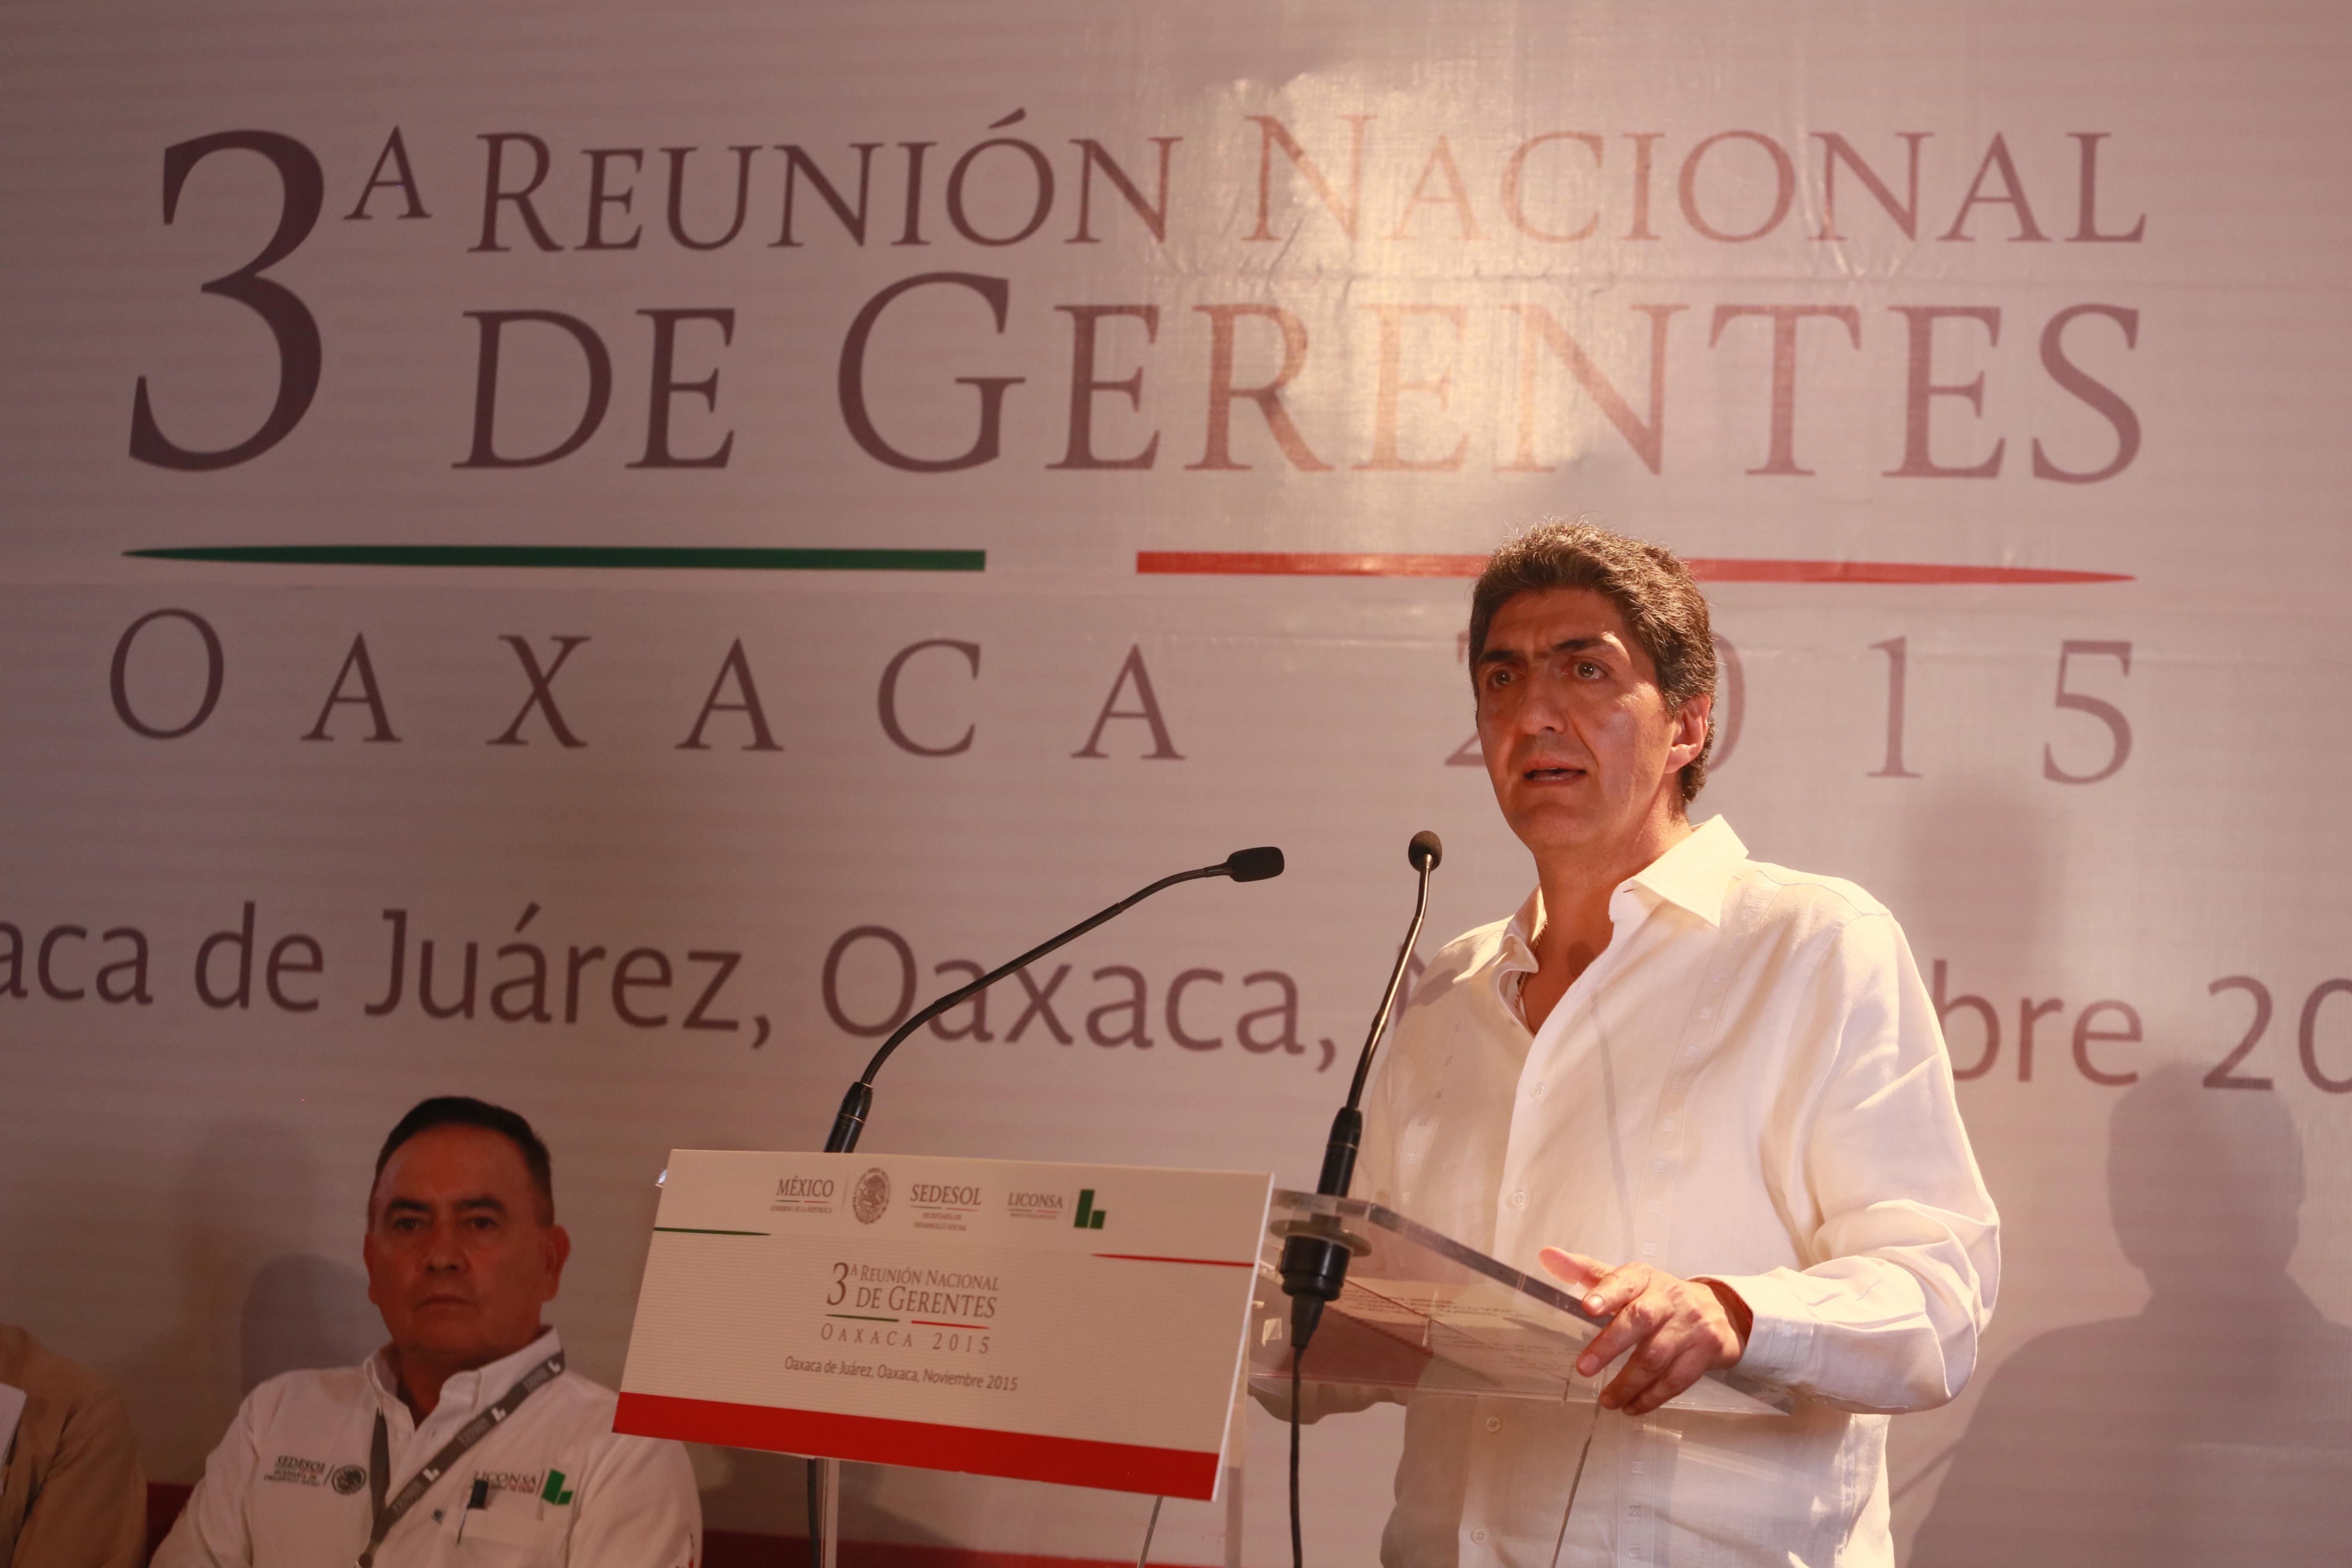 El subsecretario Ernesto Nemer evalúa programas sociales en Oaxaca